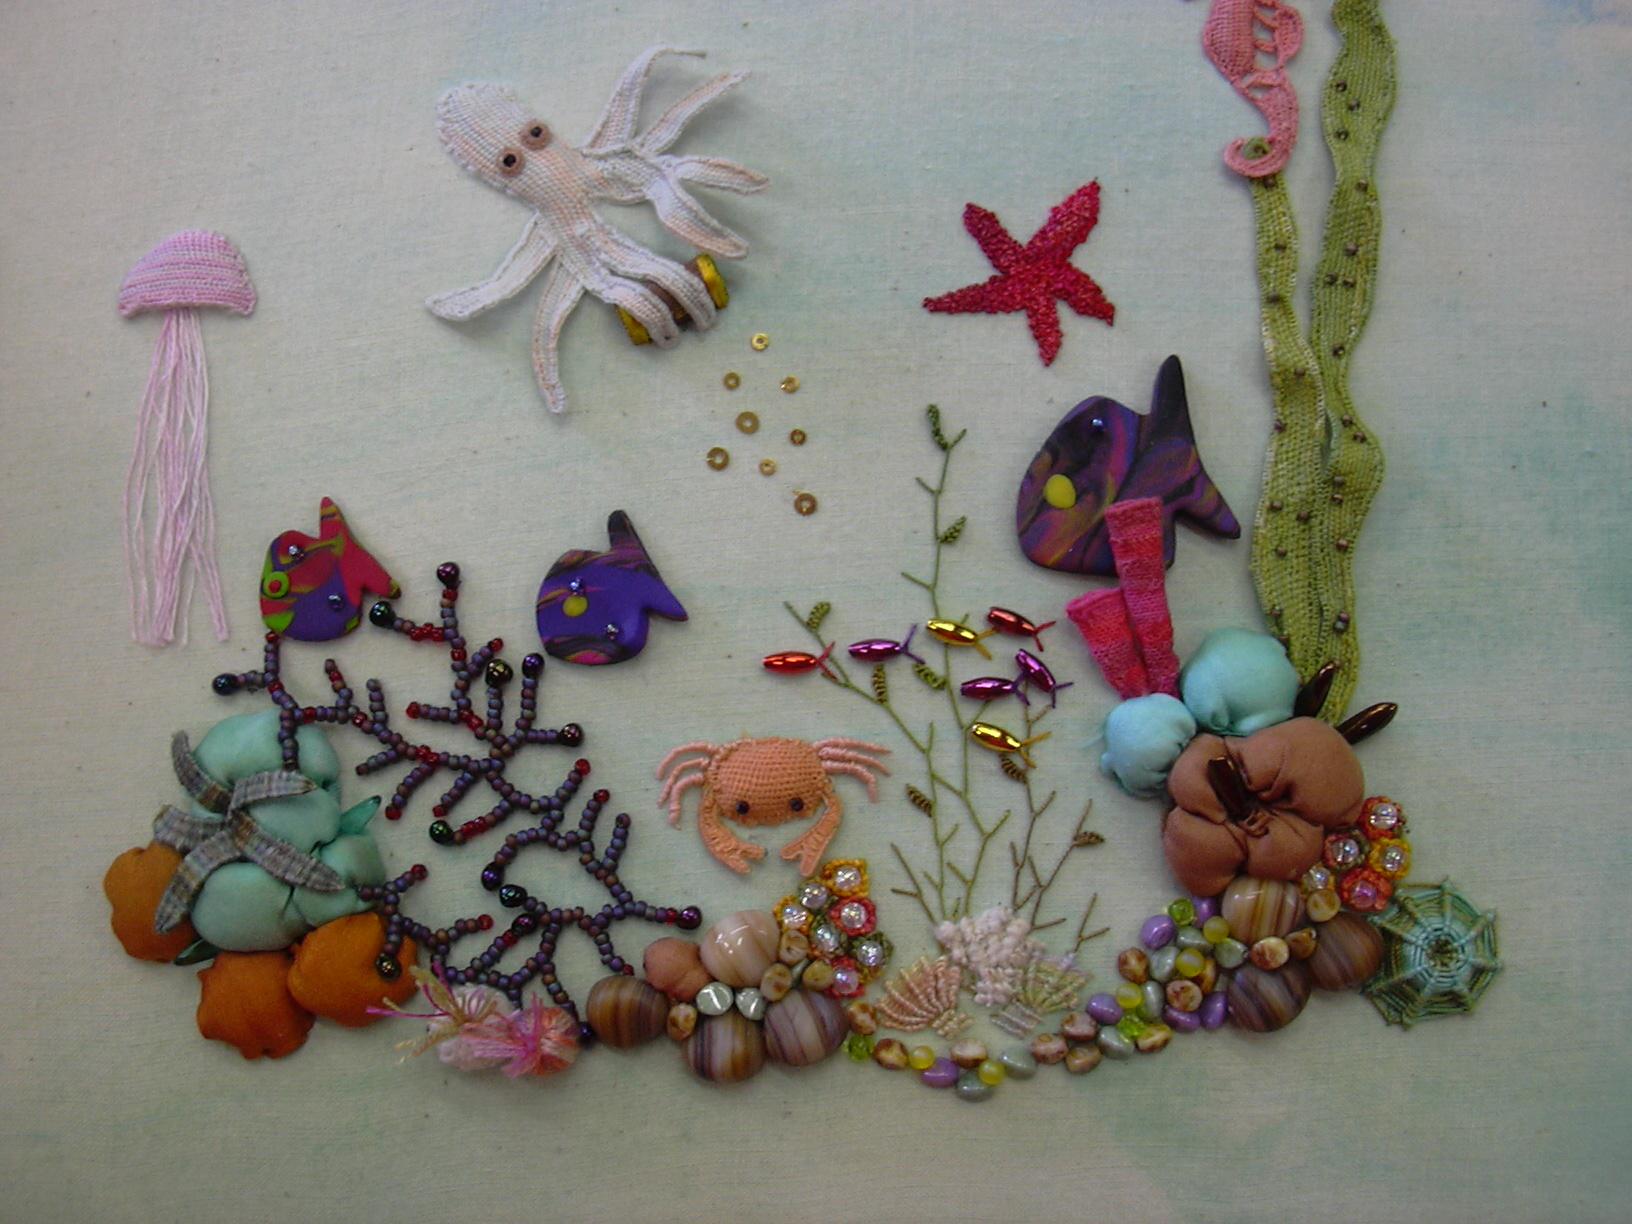 Denman Summer School : Embroidery (Hand) and Beading : An Octopus' Garden - 4 Night : Pat Trott